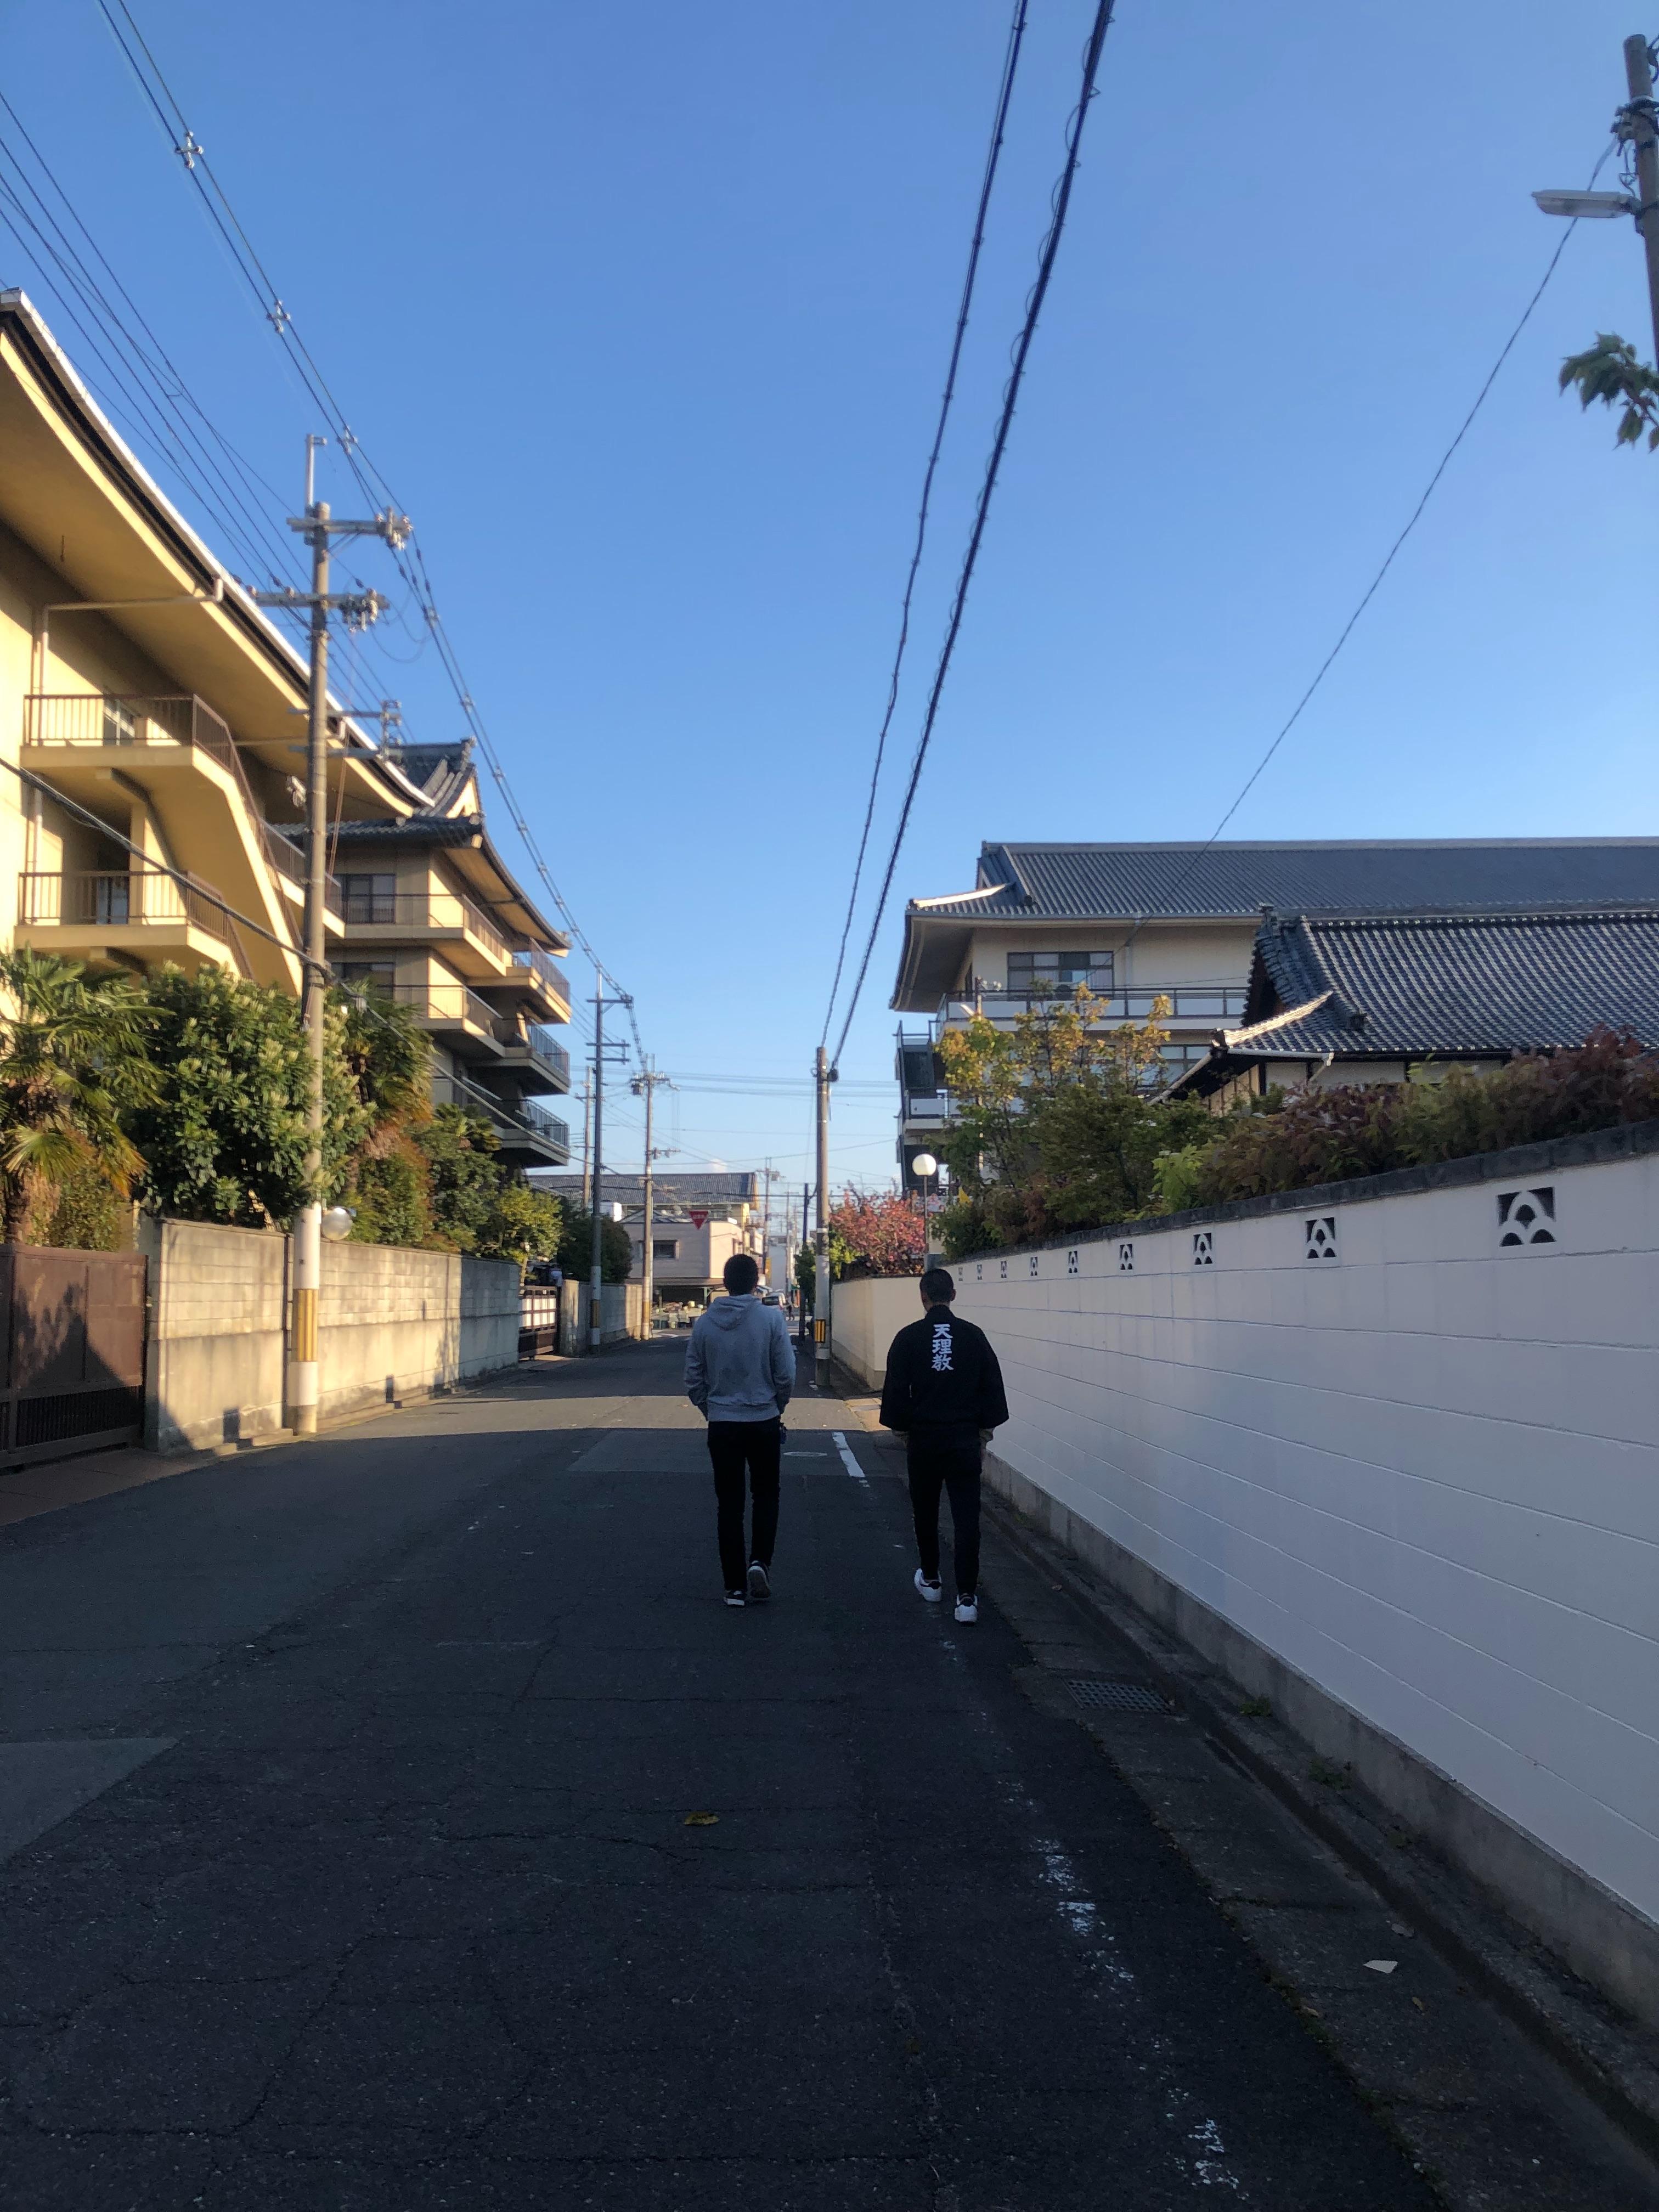 f:id:yukiaveiro:20190617122433j:image